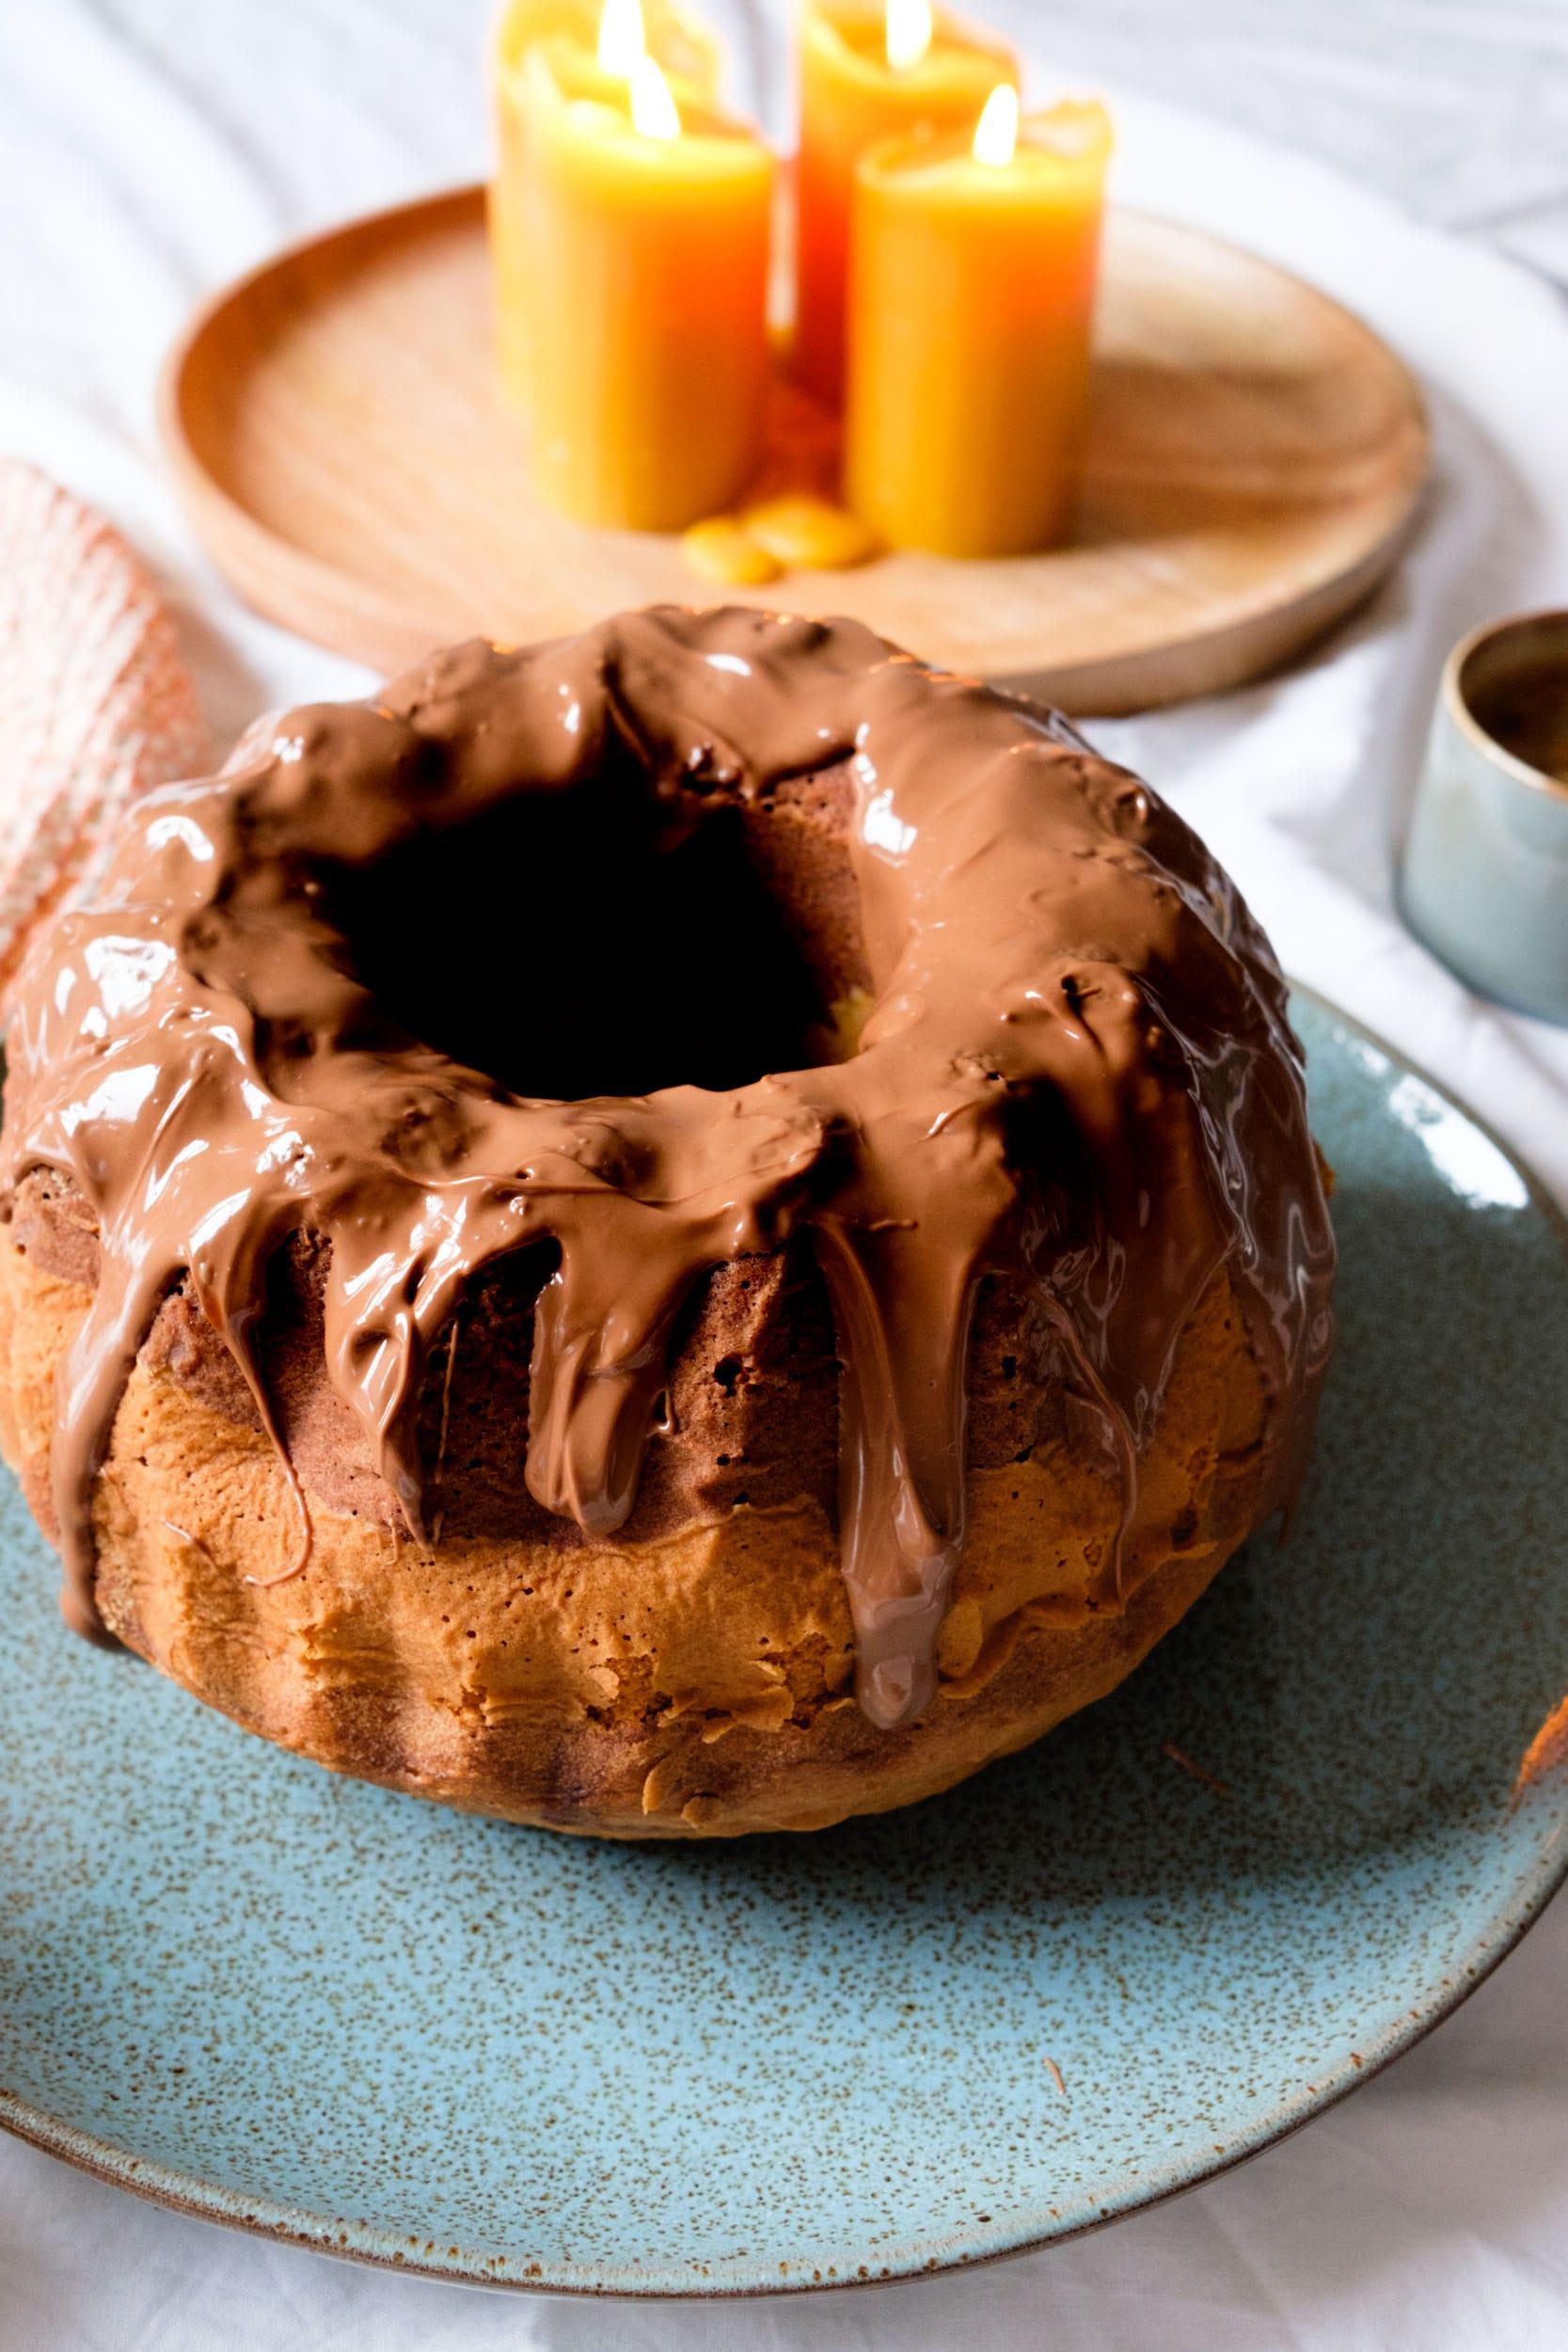 Sonntagskuchen | Marmorkuchen mit Schokoklecks | Schokoladiger Gugelhupf aus Rührteig | Einfach und lecker | Backen | Rezept auf ivy.li #backen #rezept